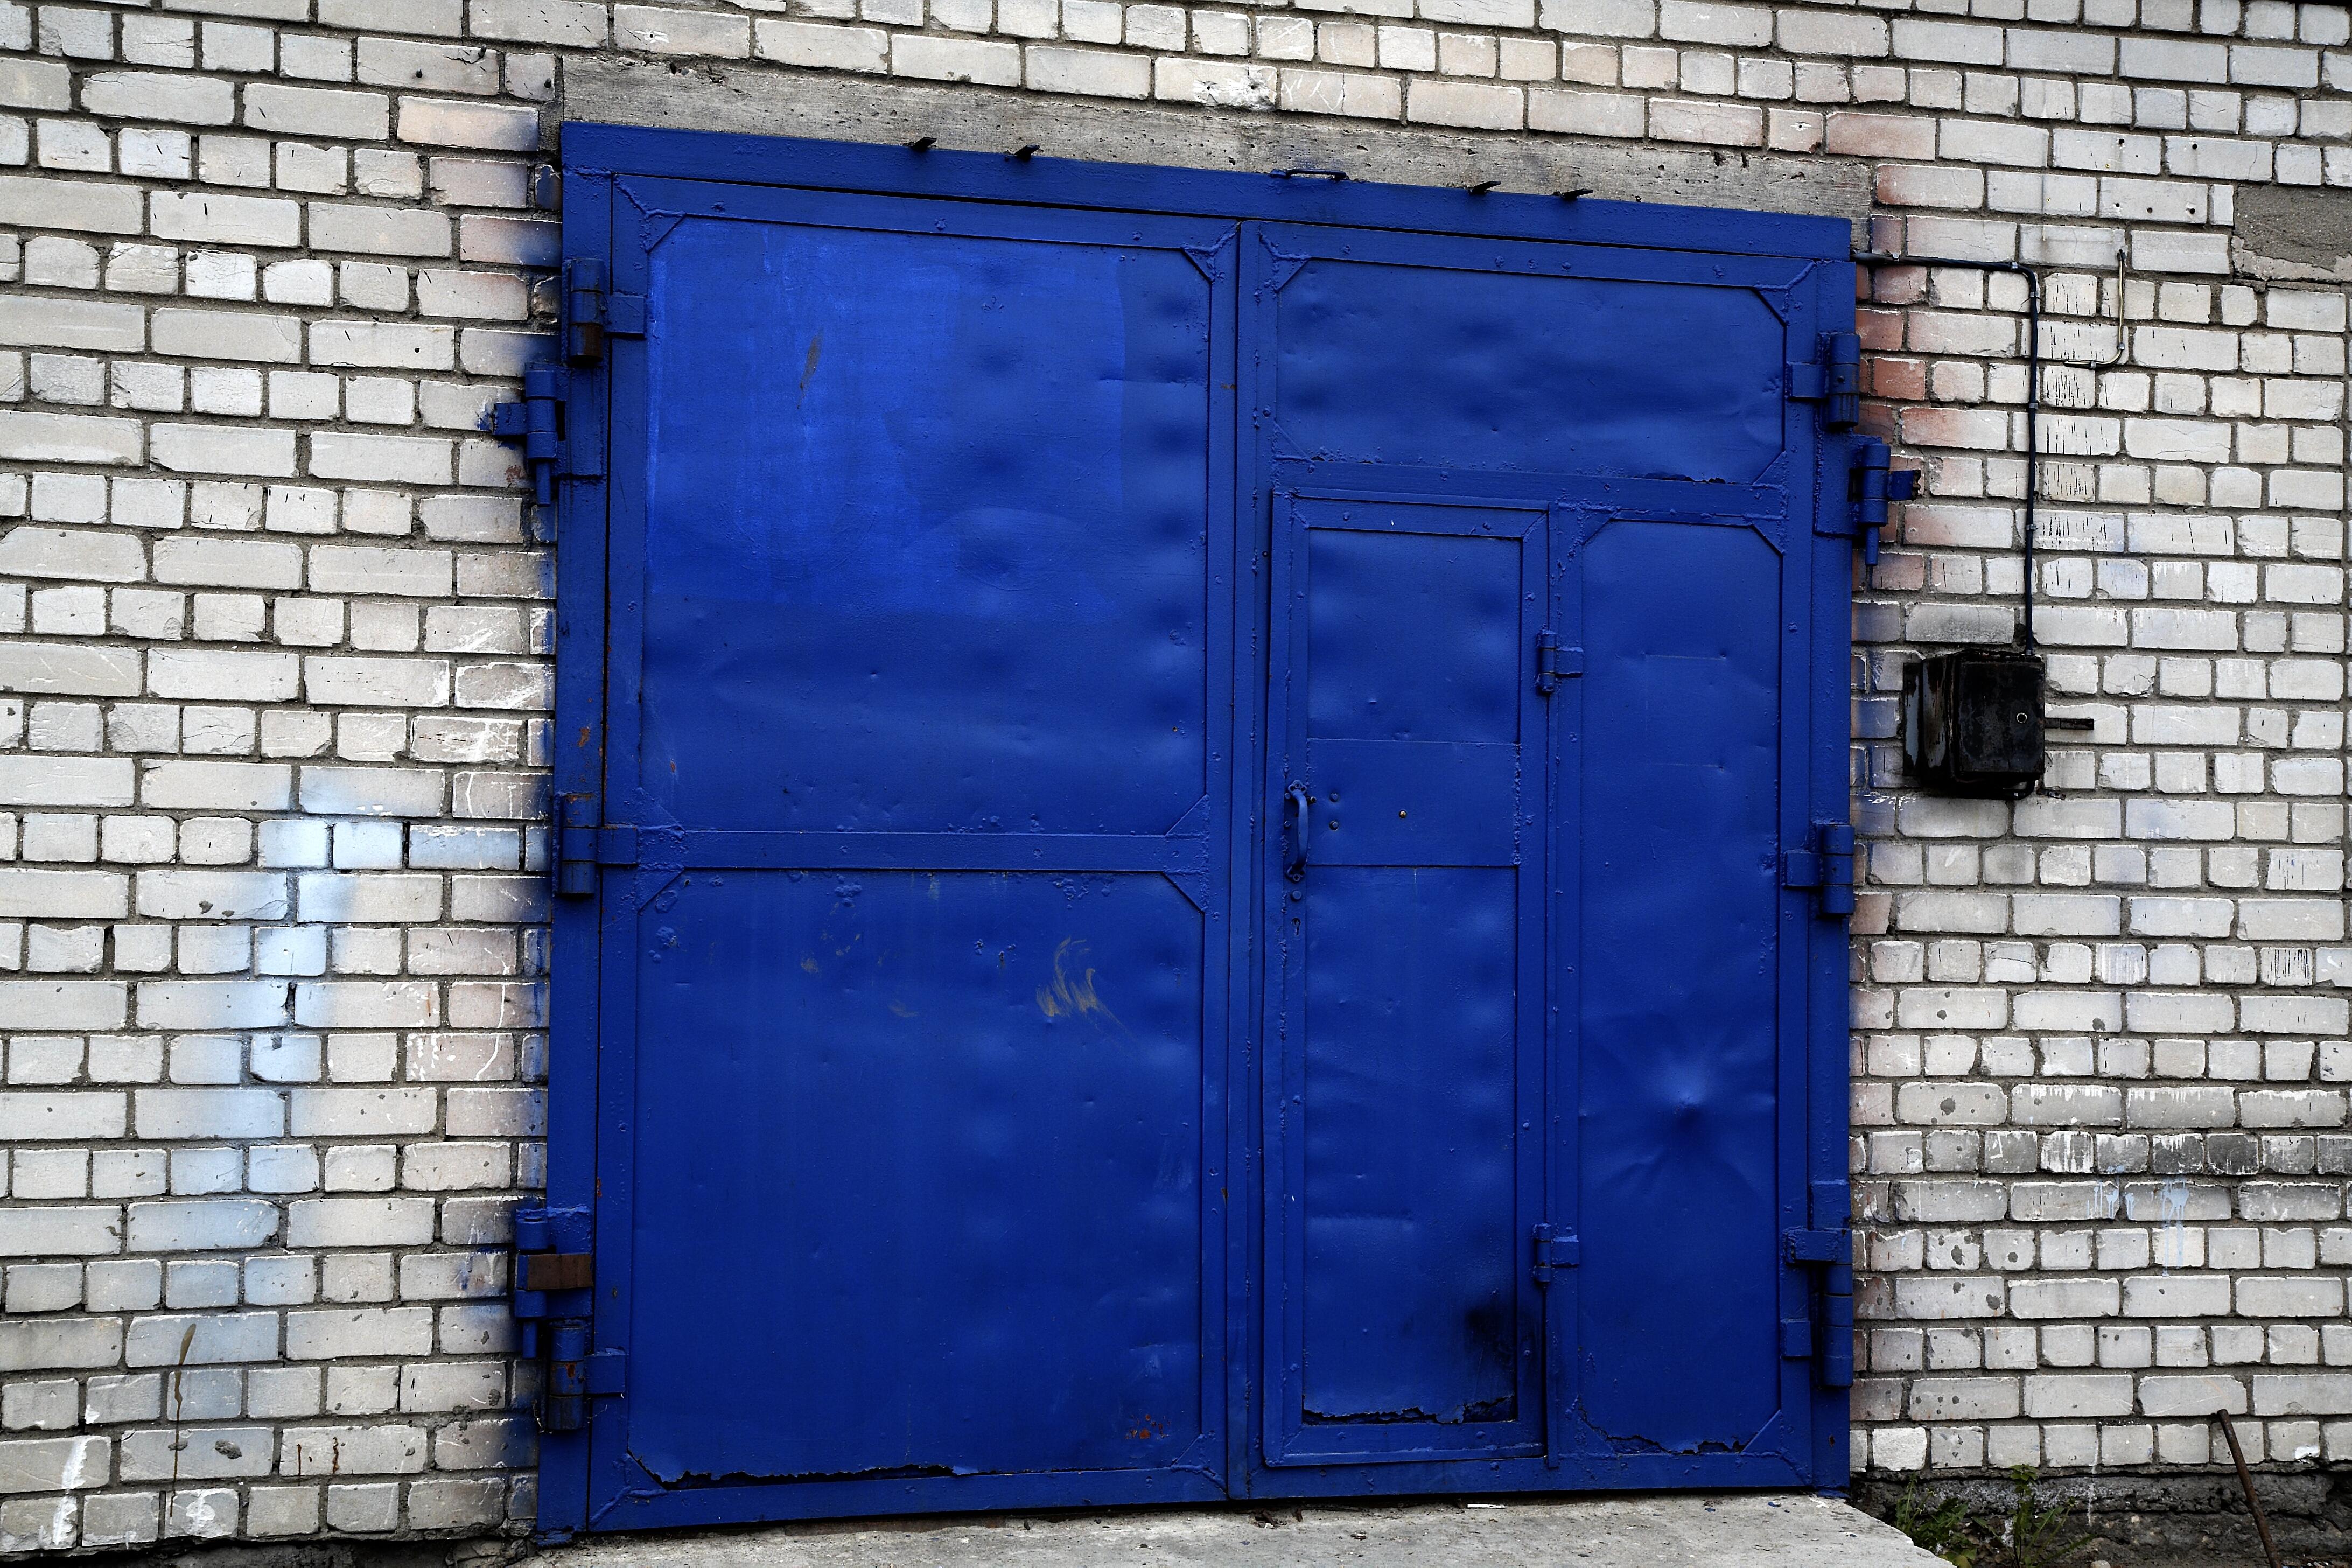 Just a door